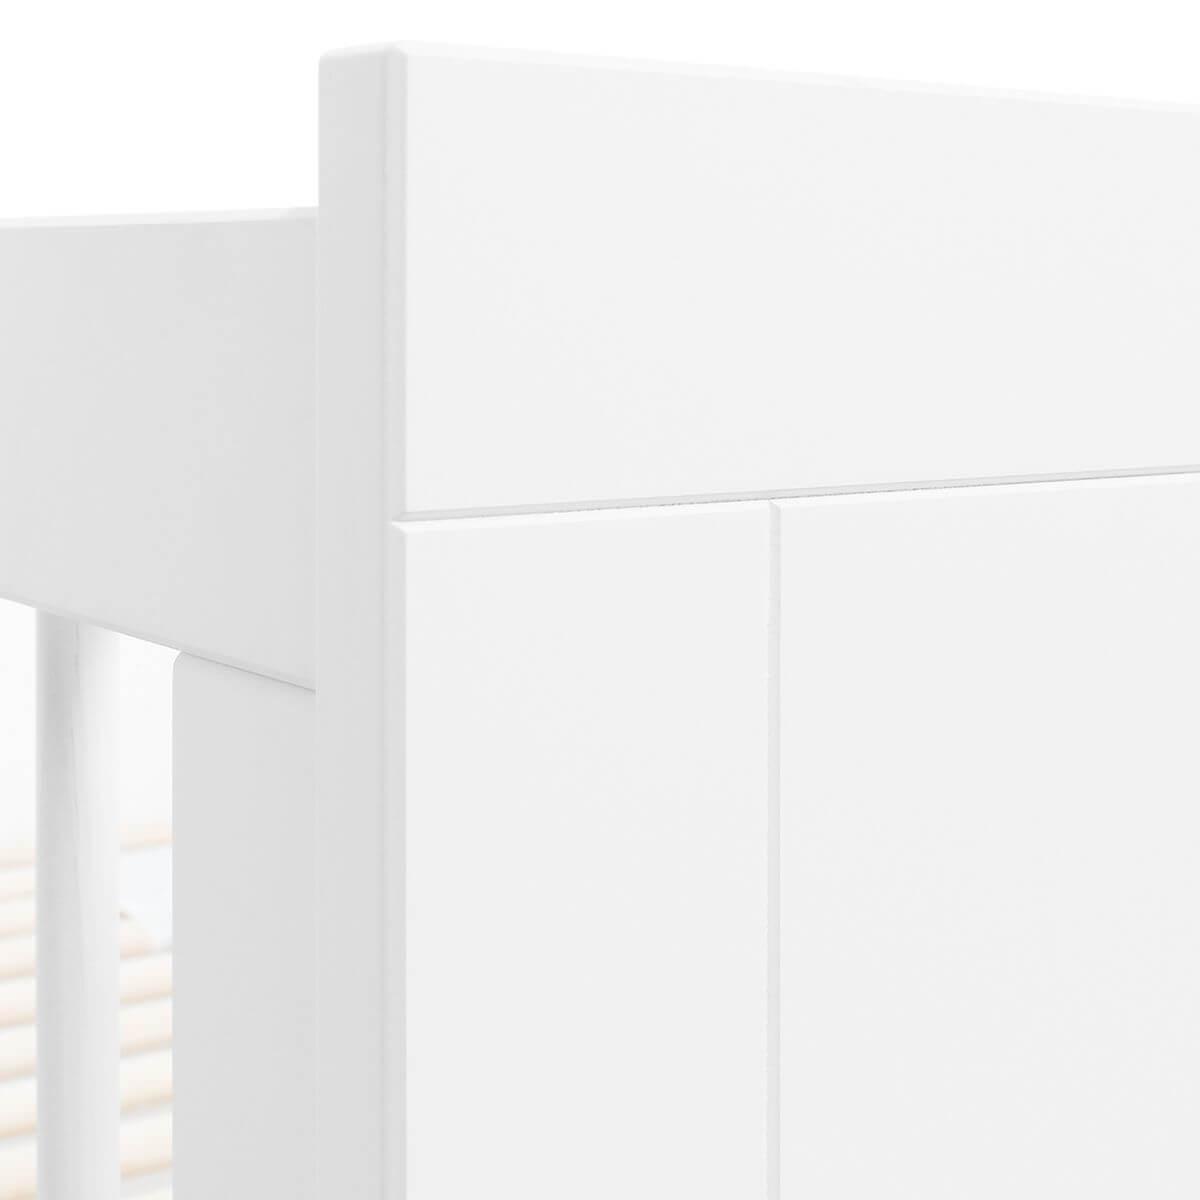 Cuna 60x120cm LUCCA Bopita blanco